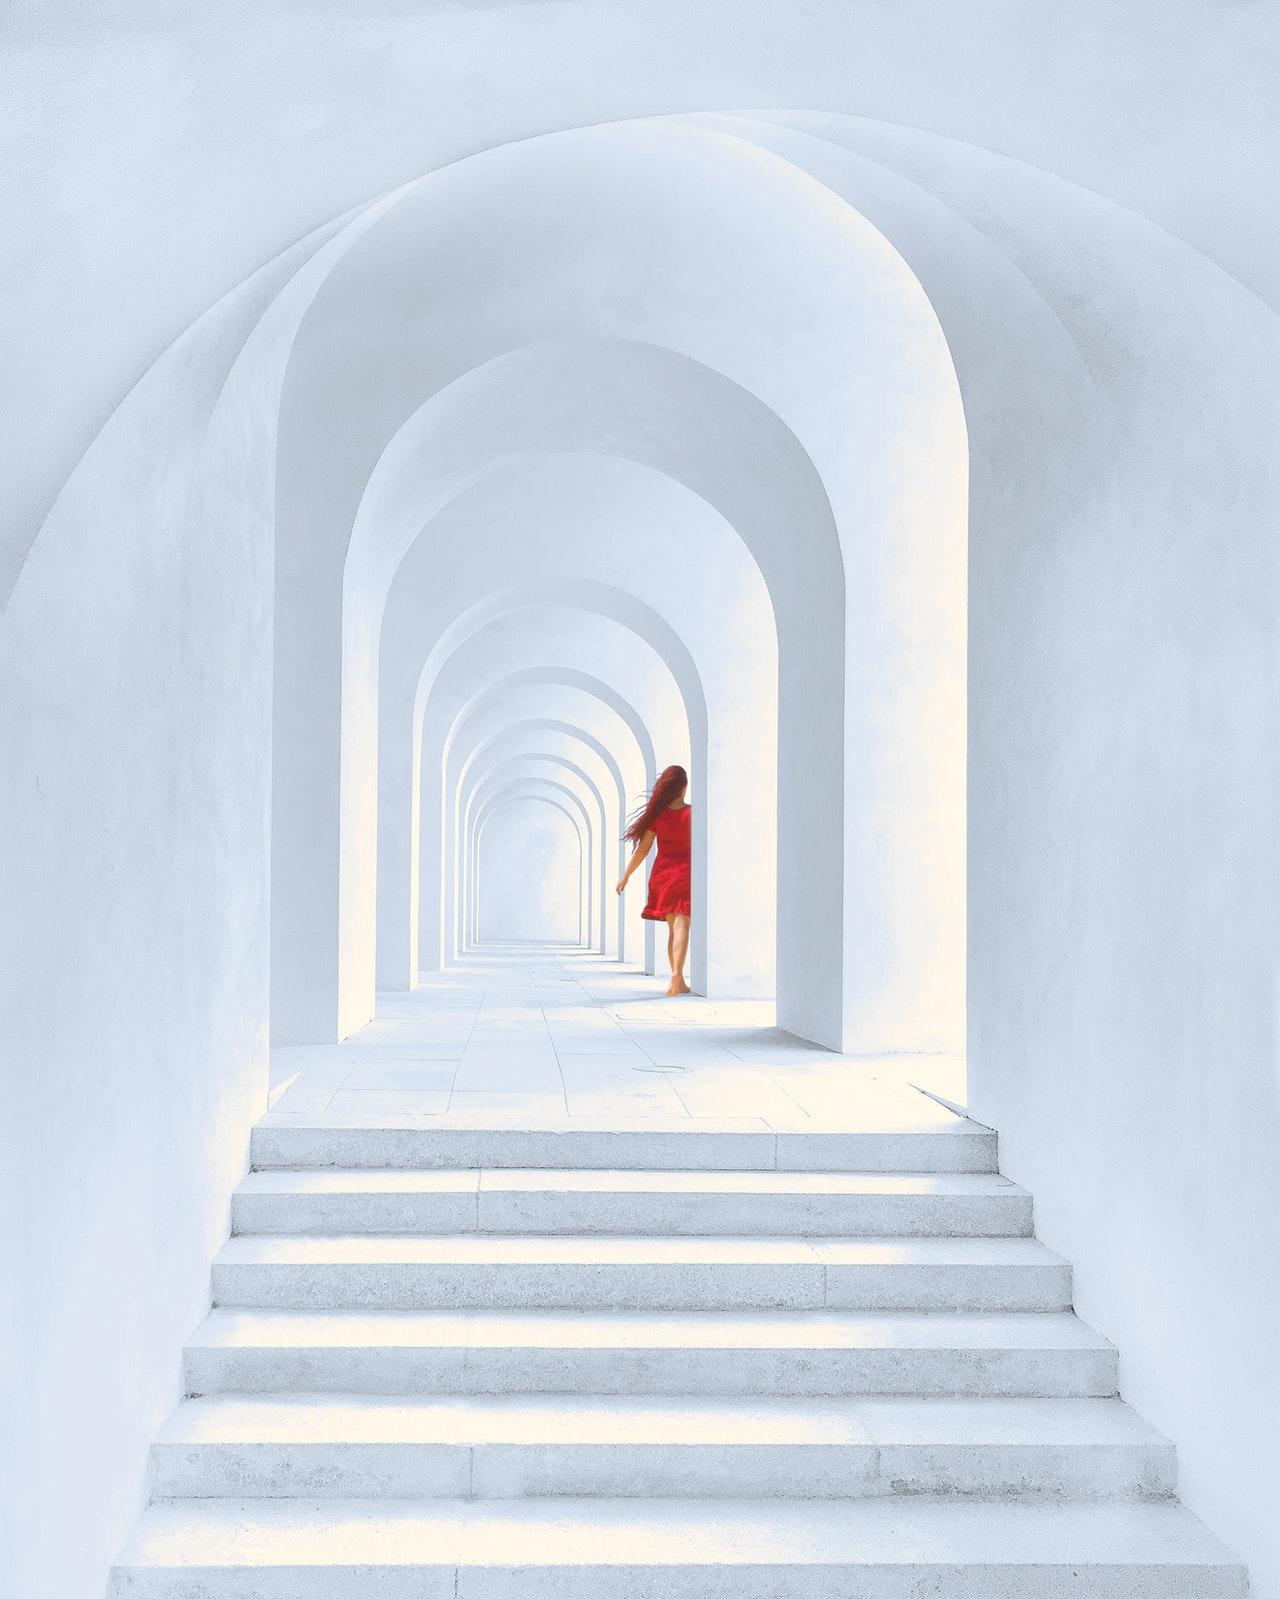 Izolarea-la-domiciliu-prilej-să-dau-sens-adevăratei-vieți-articol-de-Ioana-Cătălina-Pavel_femeie-într-o-casă-albă